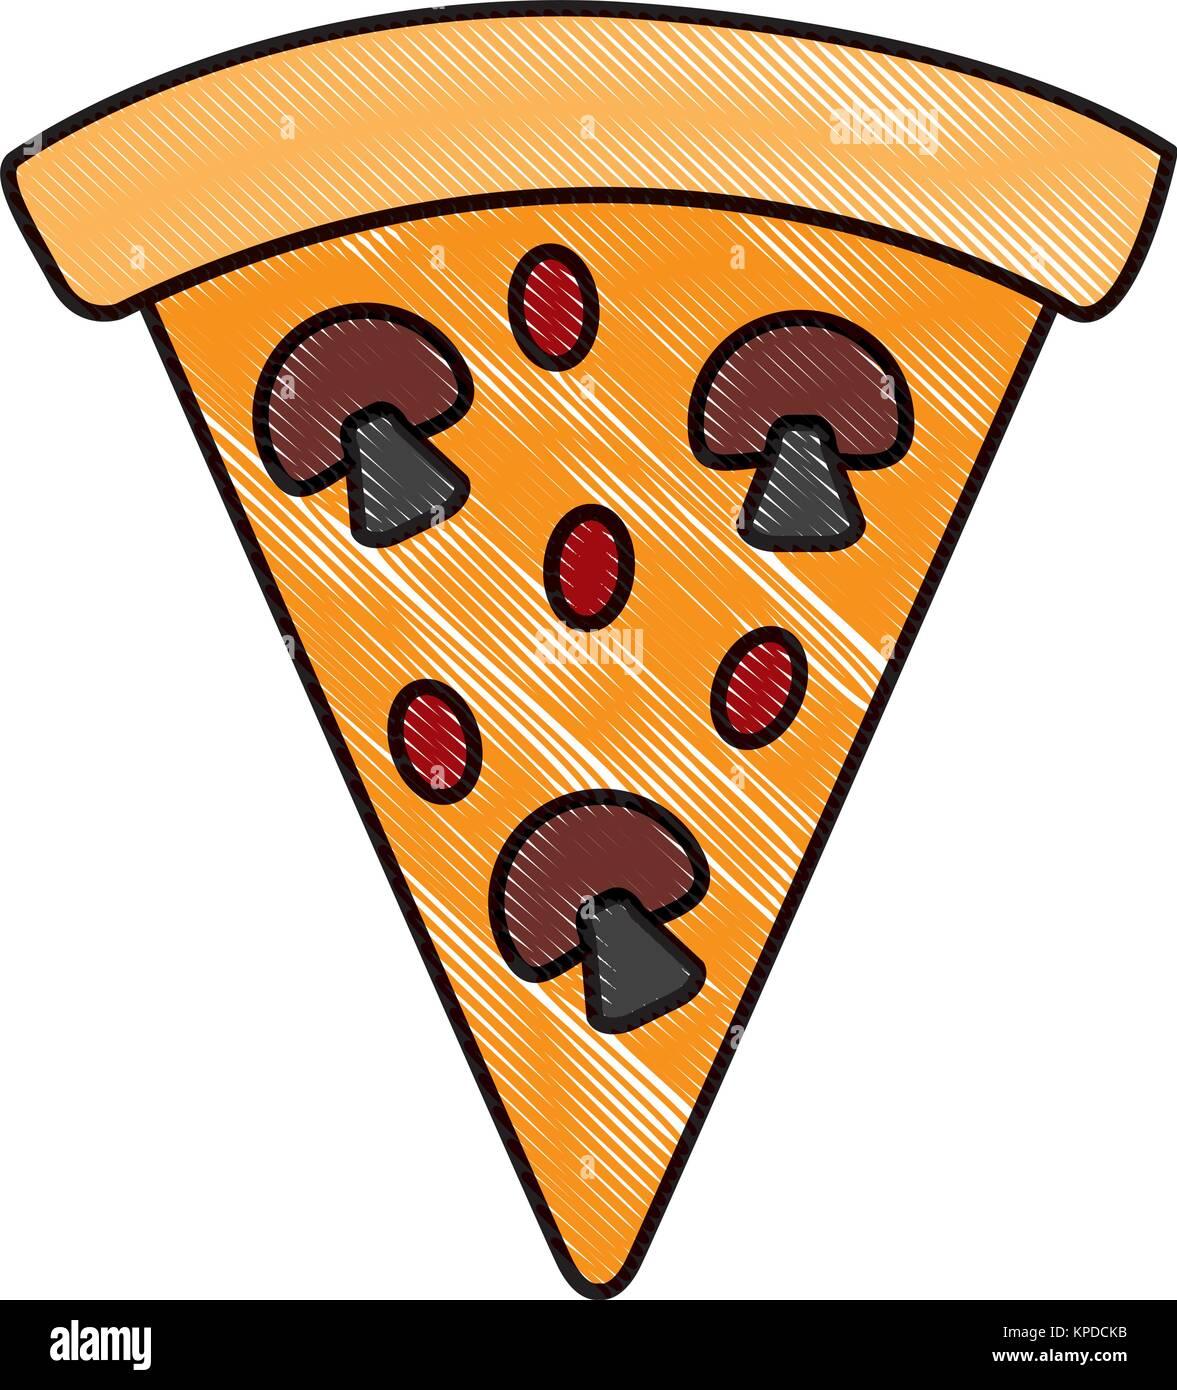 Italian Graphic Design Food